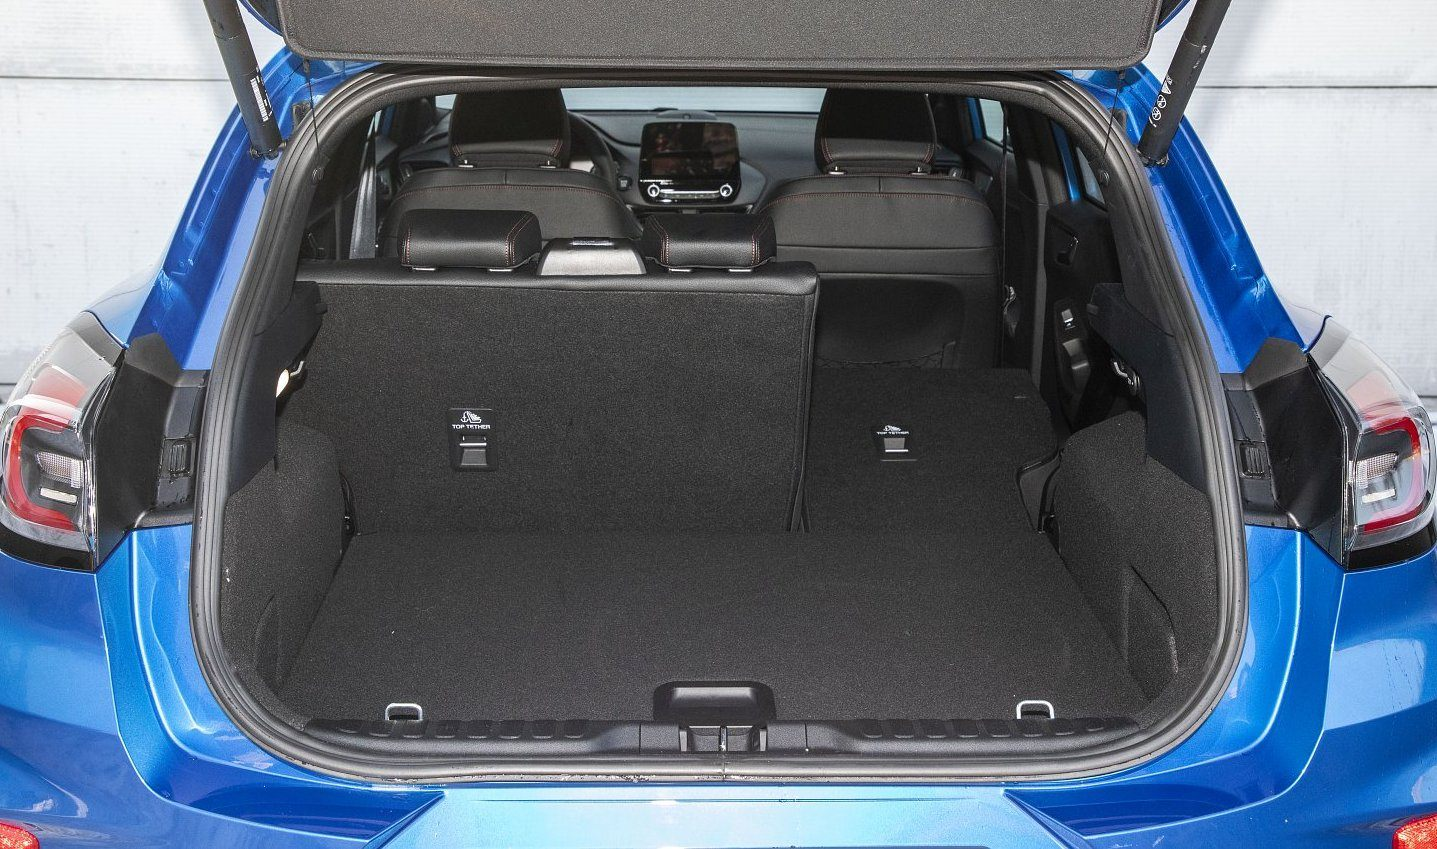 ford puma 1.0 ecoboost 125 km test 2020 - bagażnik